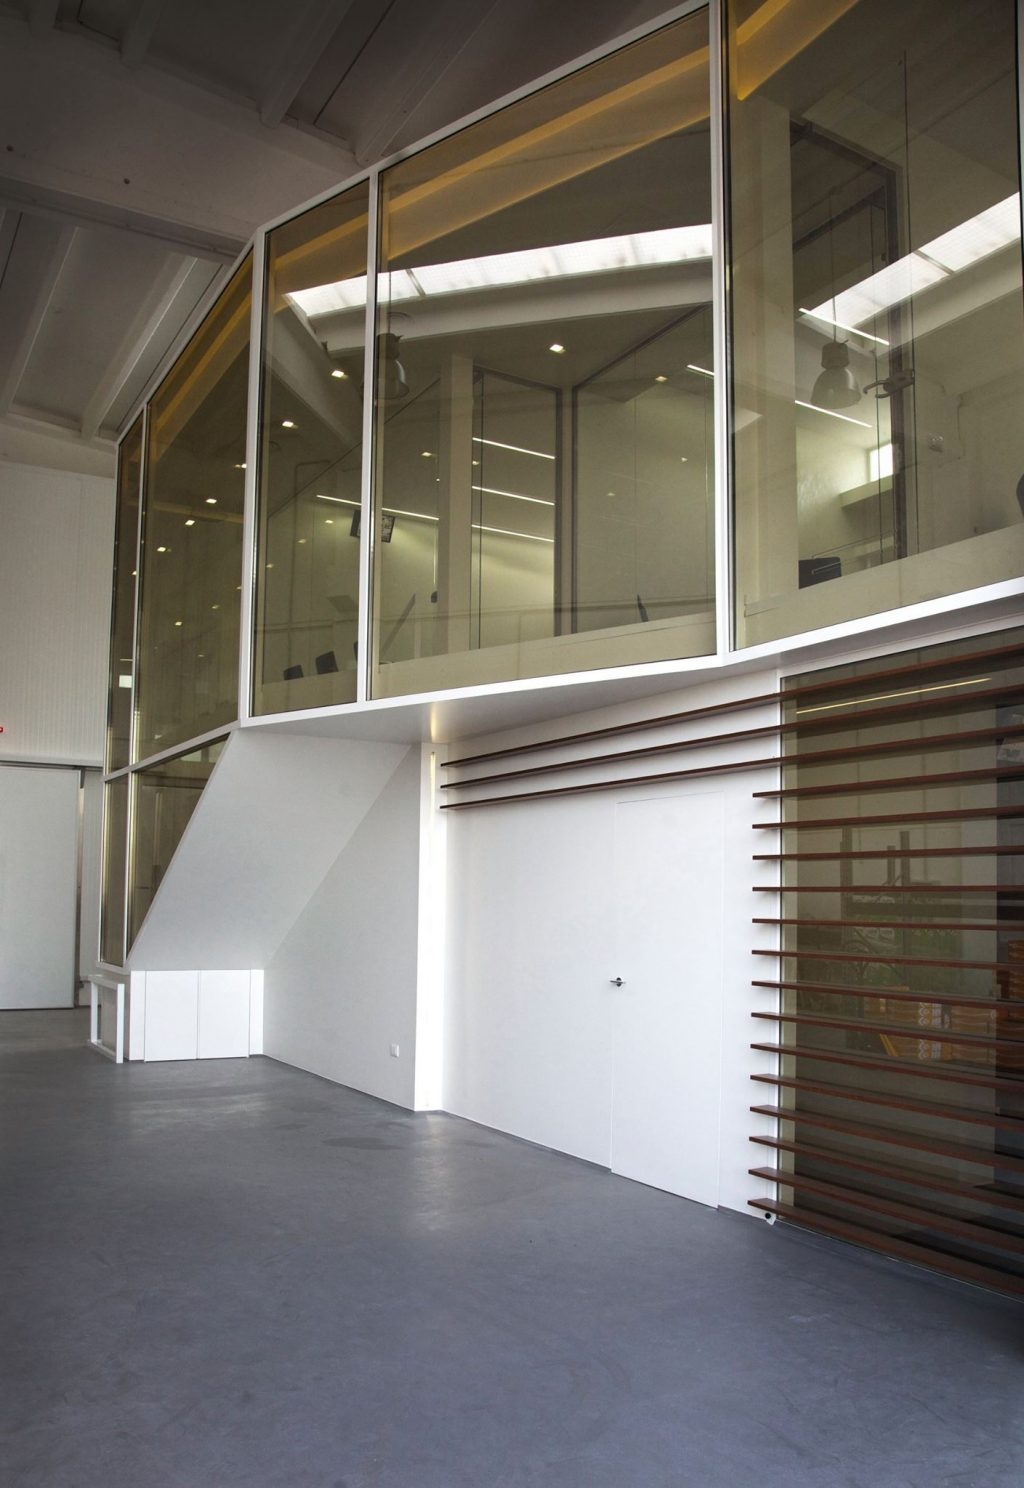 m12 γραφεία του έργου AD για Menoventi